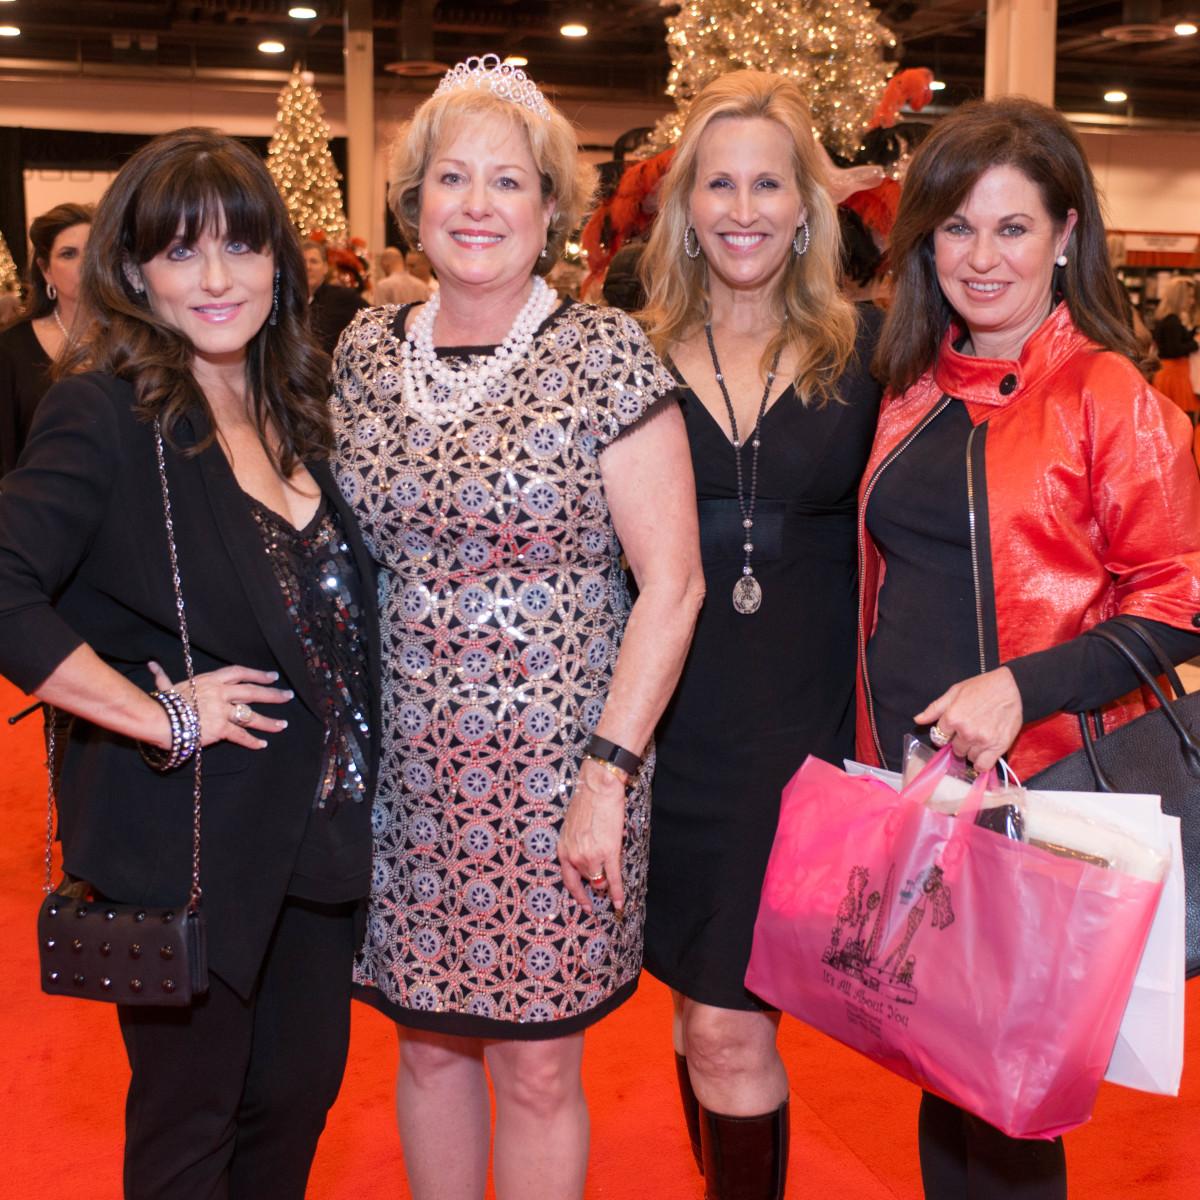 News, Shelby, Nutcracker Market, Nov. 2015, Jackie Eubank, Patsy Chapman, Vanessa Sendukas, Cathy Cagle